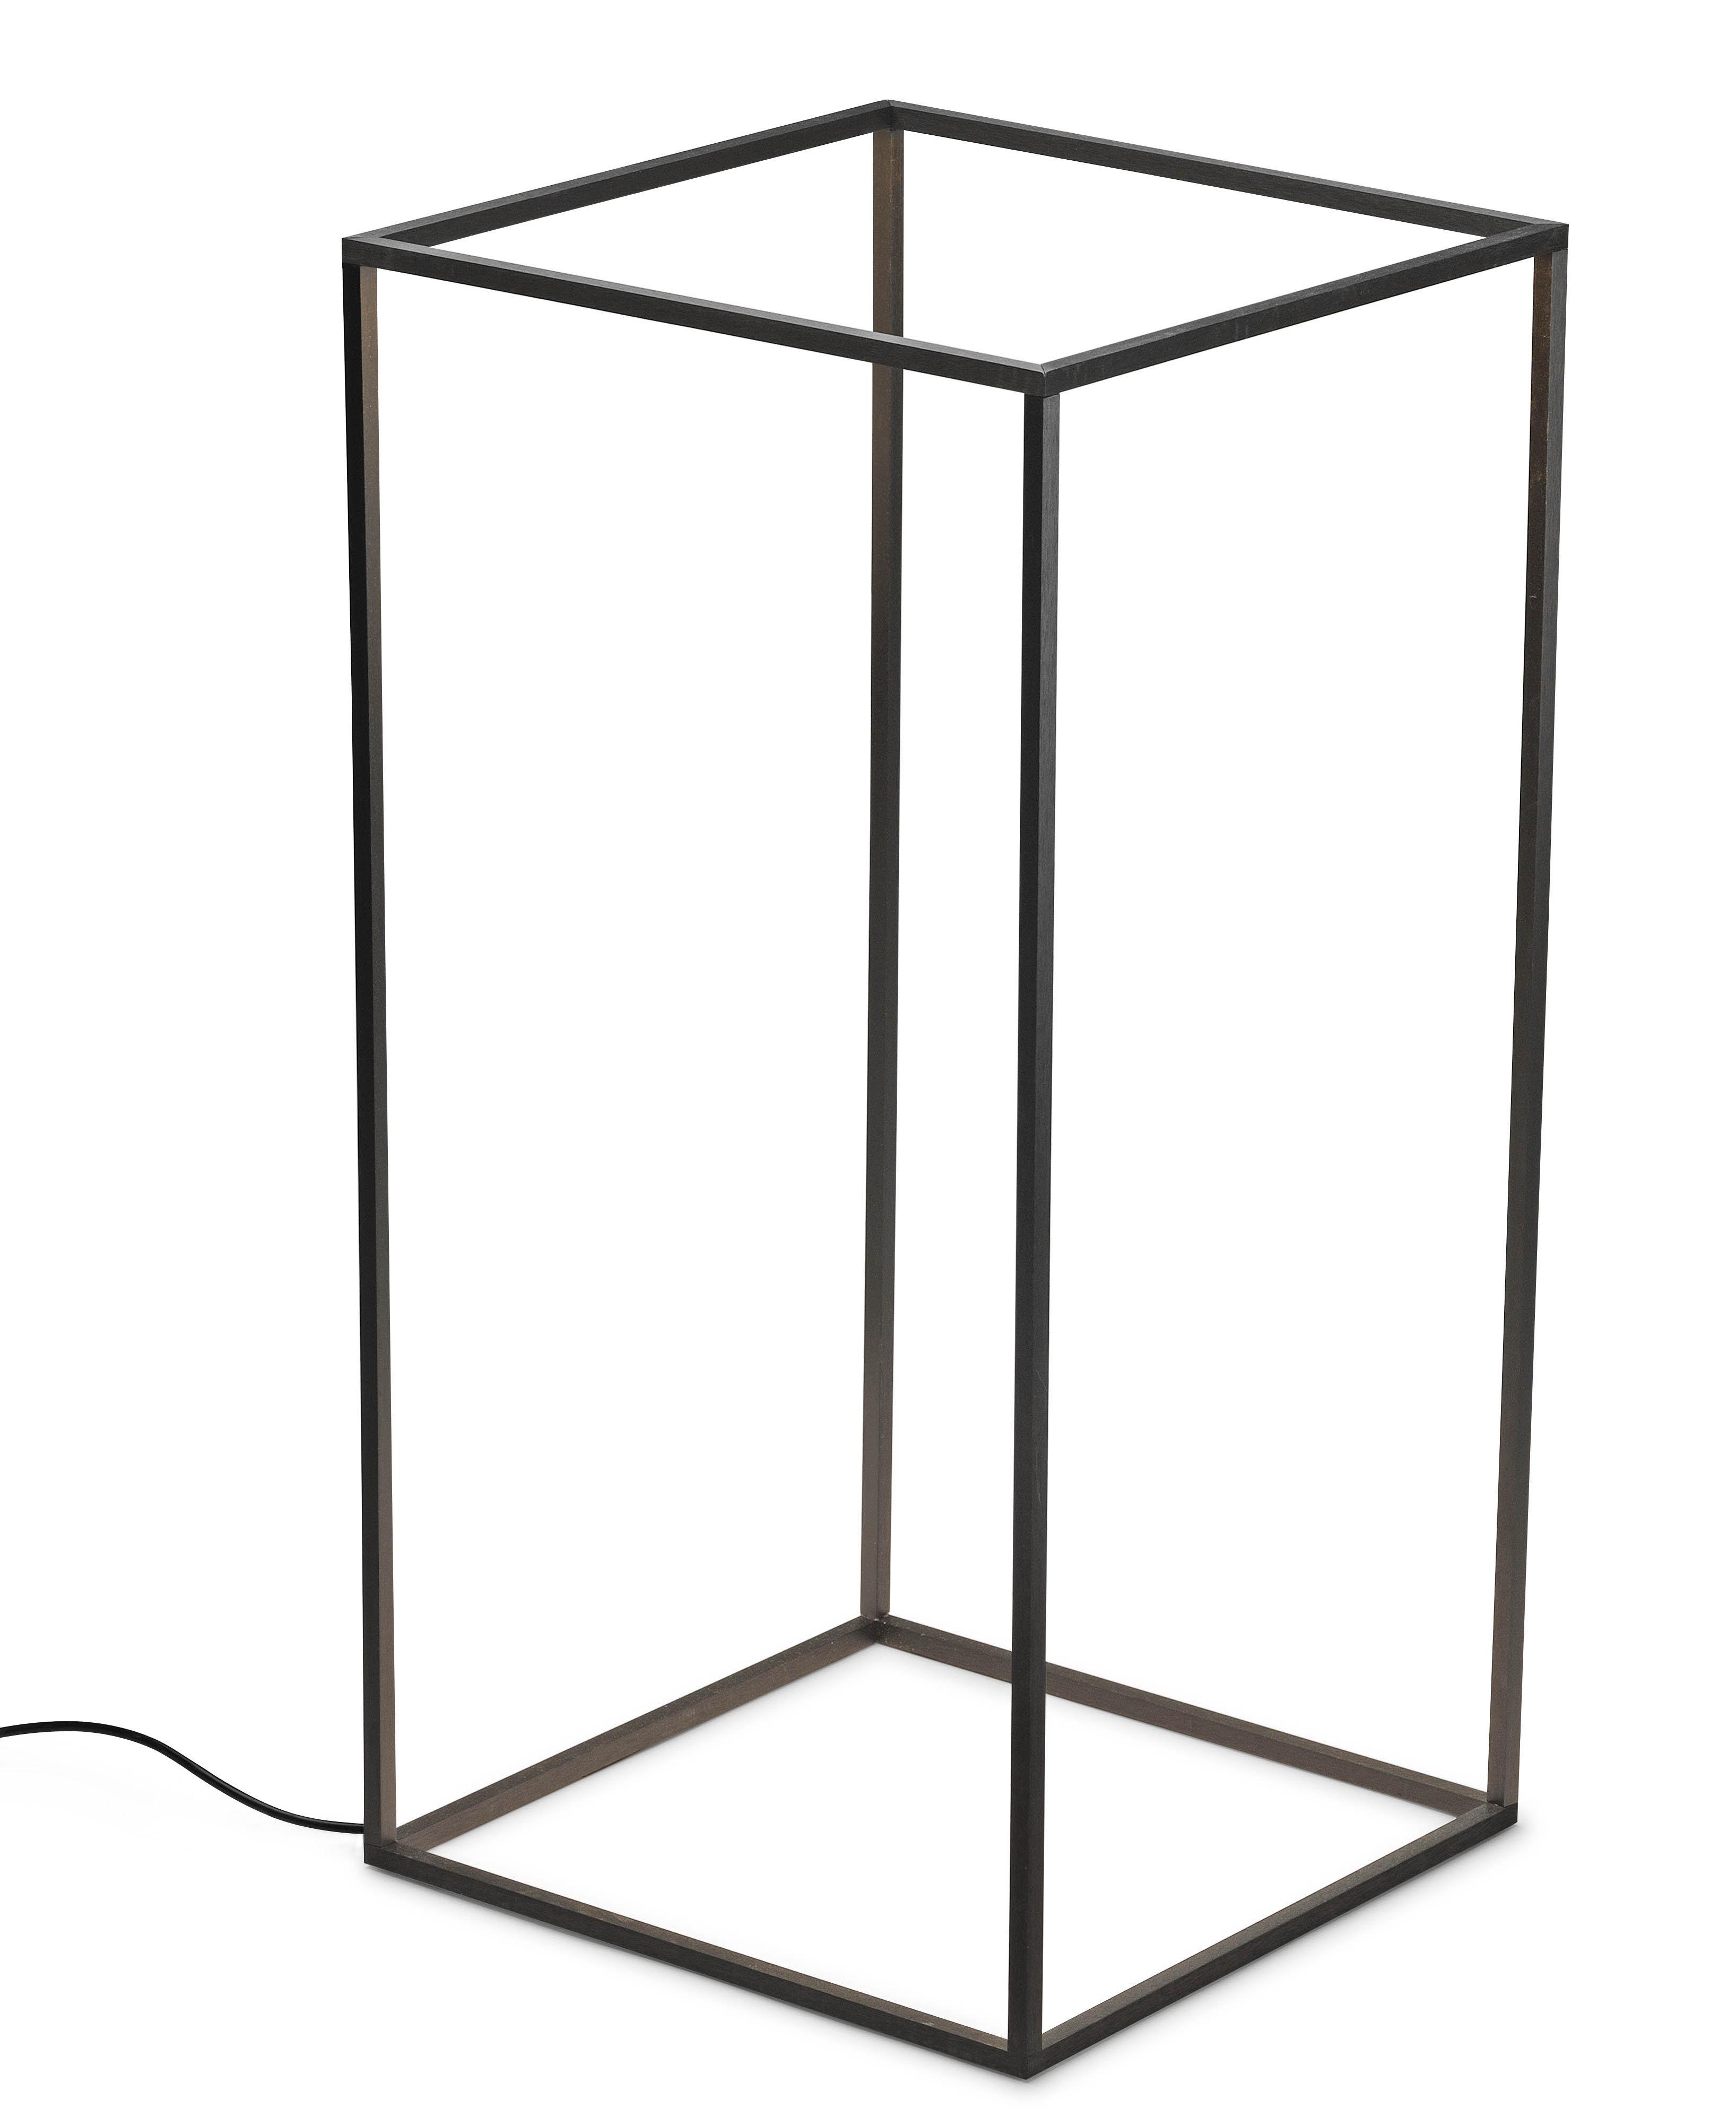 Illuminazione - Lampade da terra - Lampada Ipnos - LED / H 70 cm - Versione Outdoor di Flos - Nero - alluminio estruso